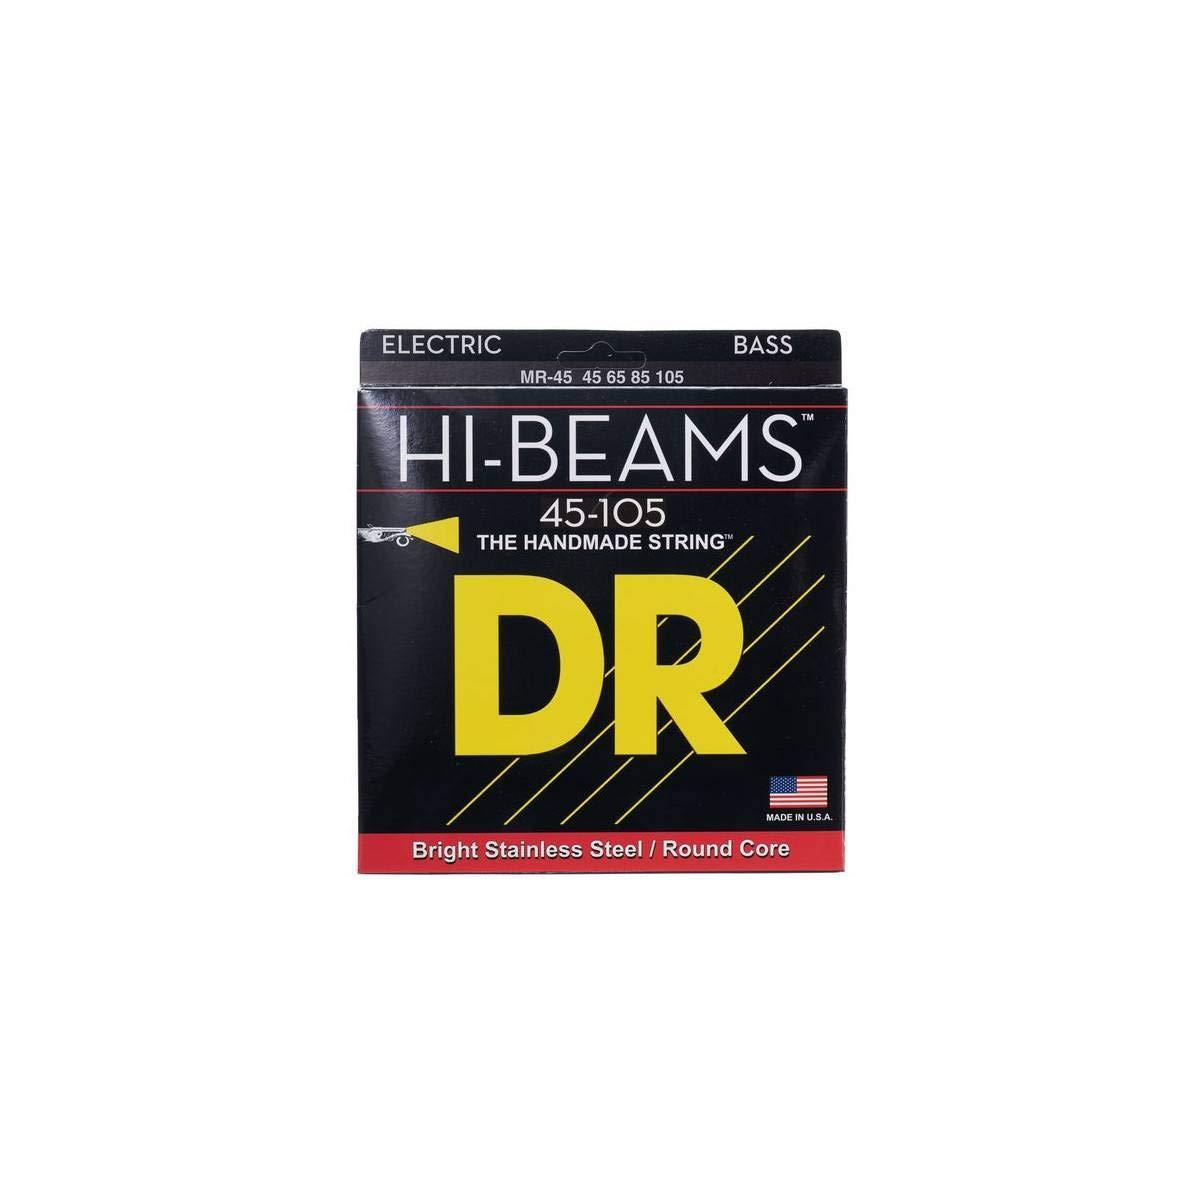 630d0c4793e6f DR - Jeu De Cordes Basse Hi-Beam 45 105  Amazon.fr  Vêtements et accessoires